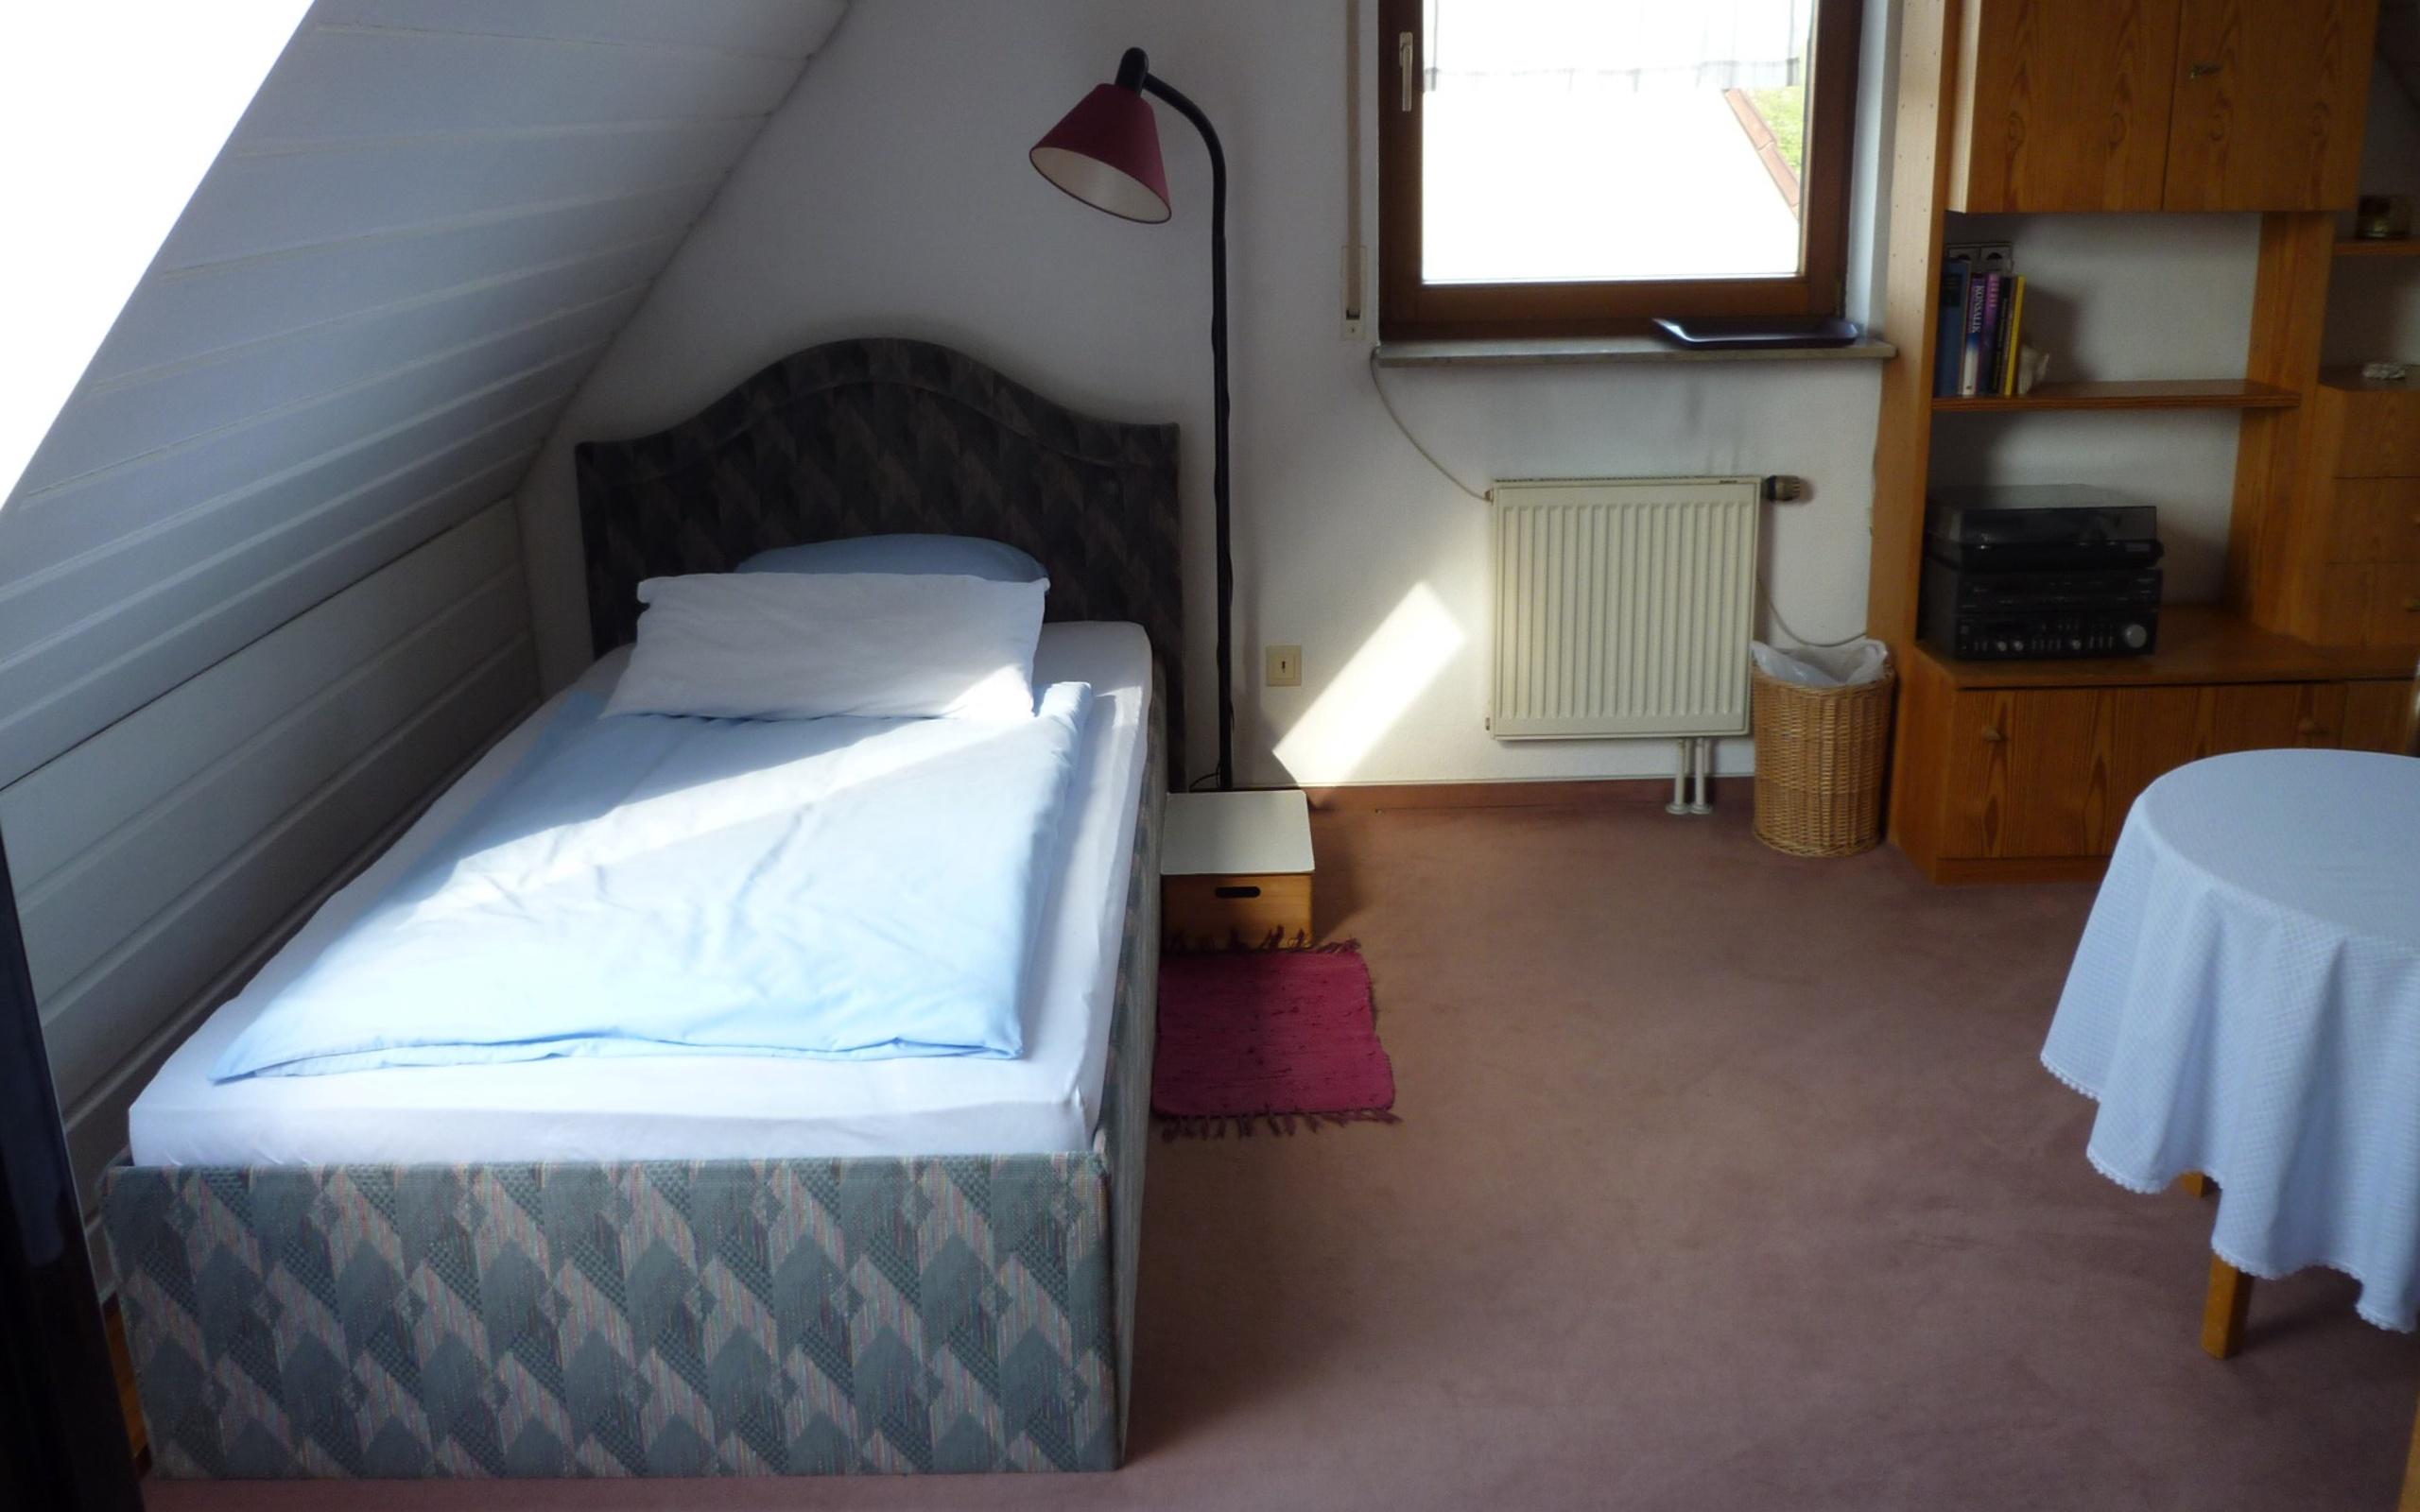 Full Size of Günstiges Bett Gnstiges Groes Mbliertes Zimmer In Stuttgart Sillenbuch Ruf Betten Preise 120x190 Möbel Boss Hohes Jugend Mit Stauraum 140x200 Nussbaum Futon Bett Günstiges Bett